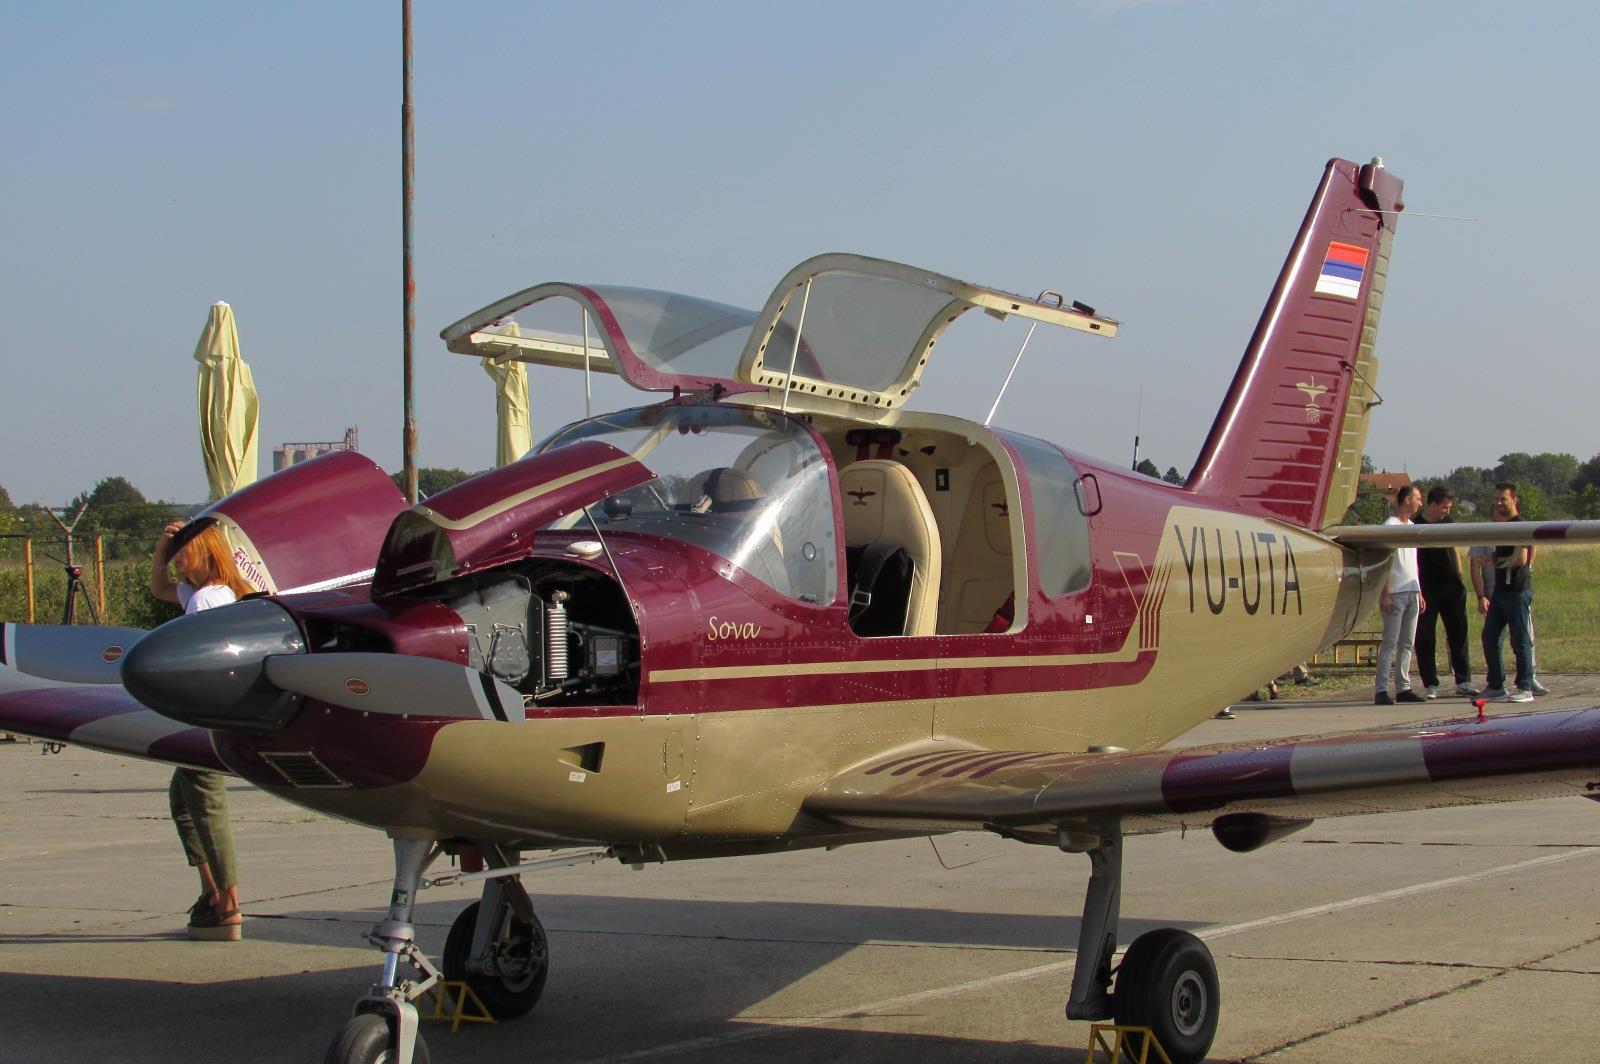 Utvin avion Sova